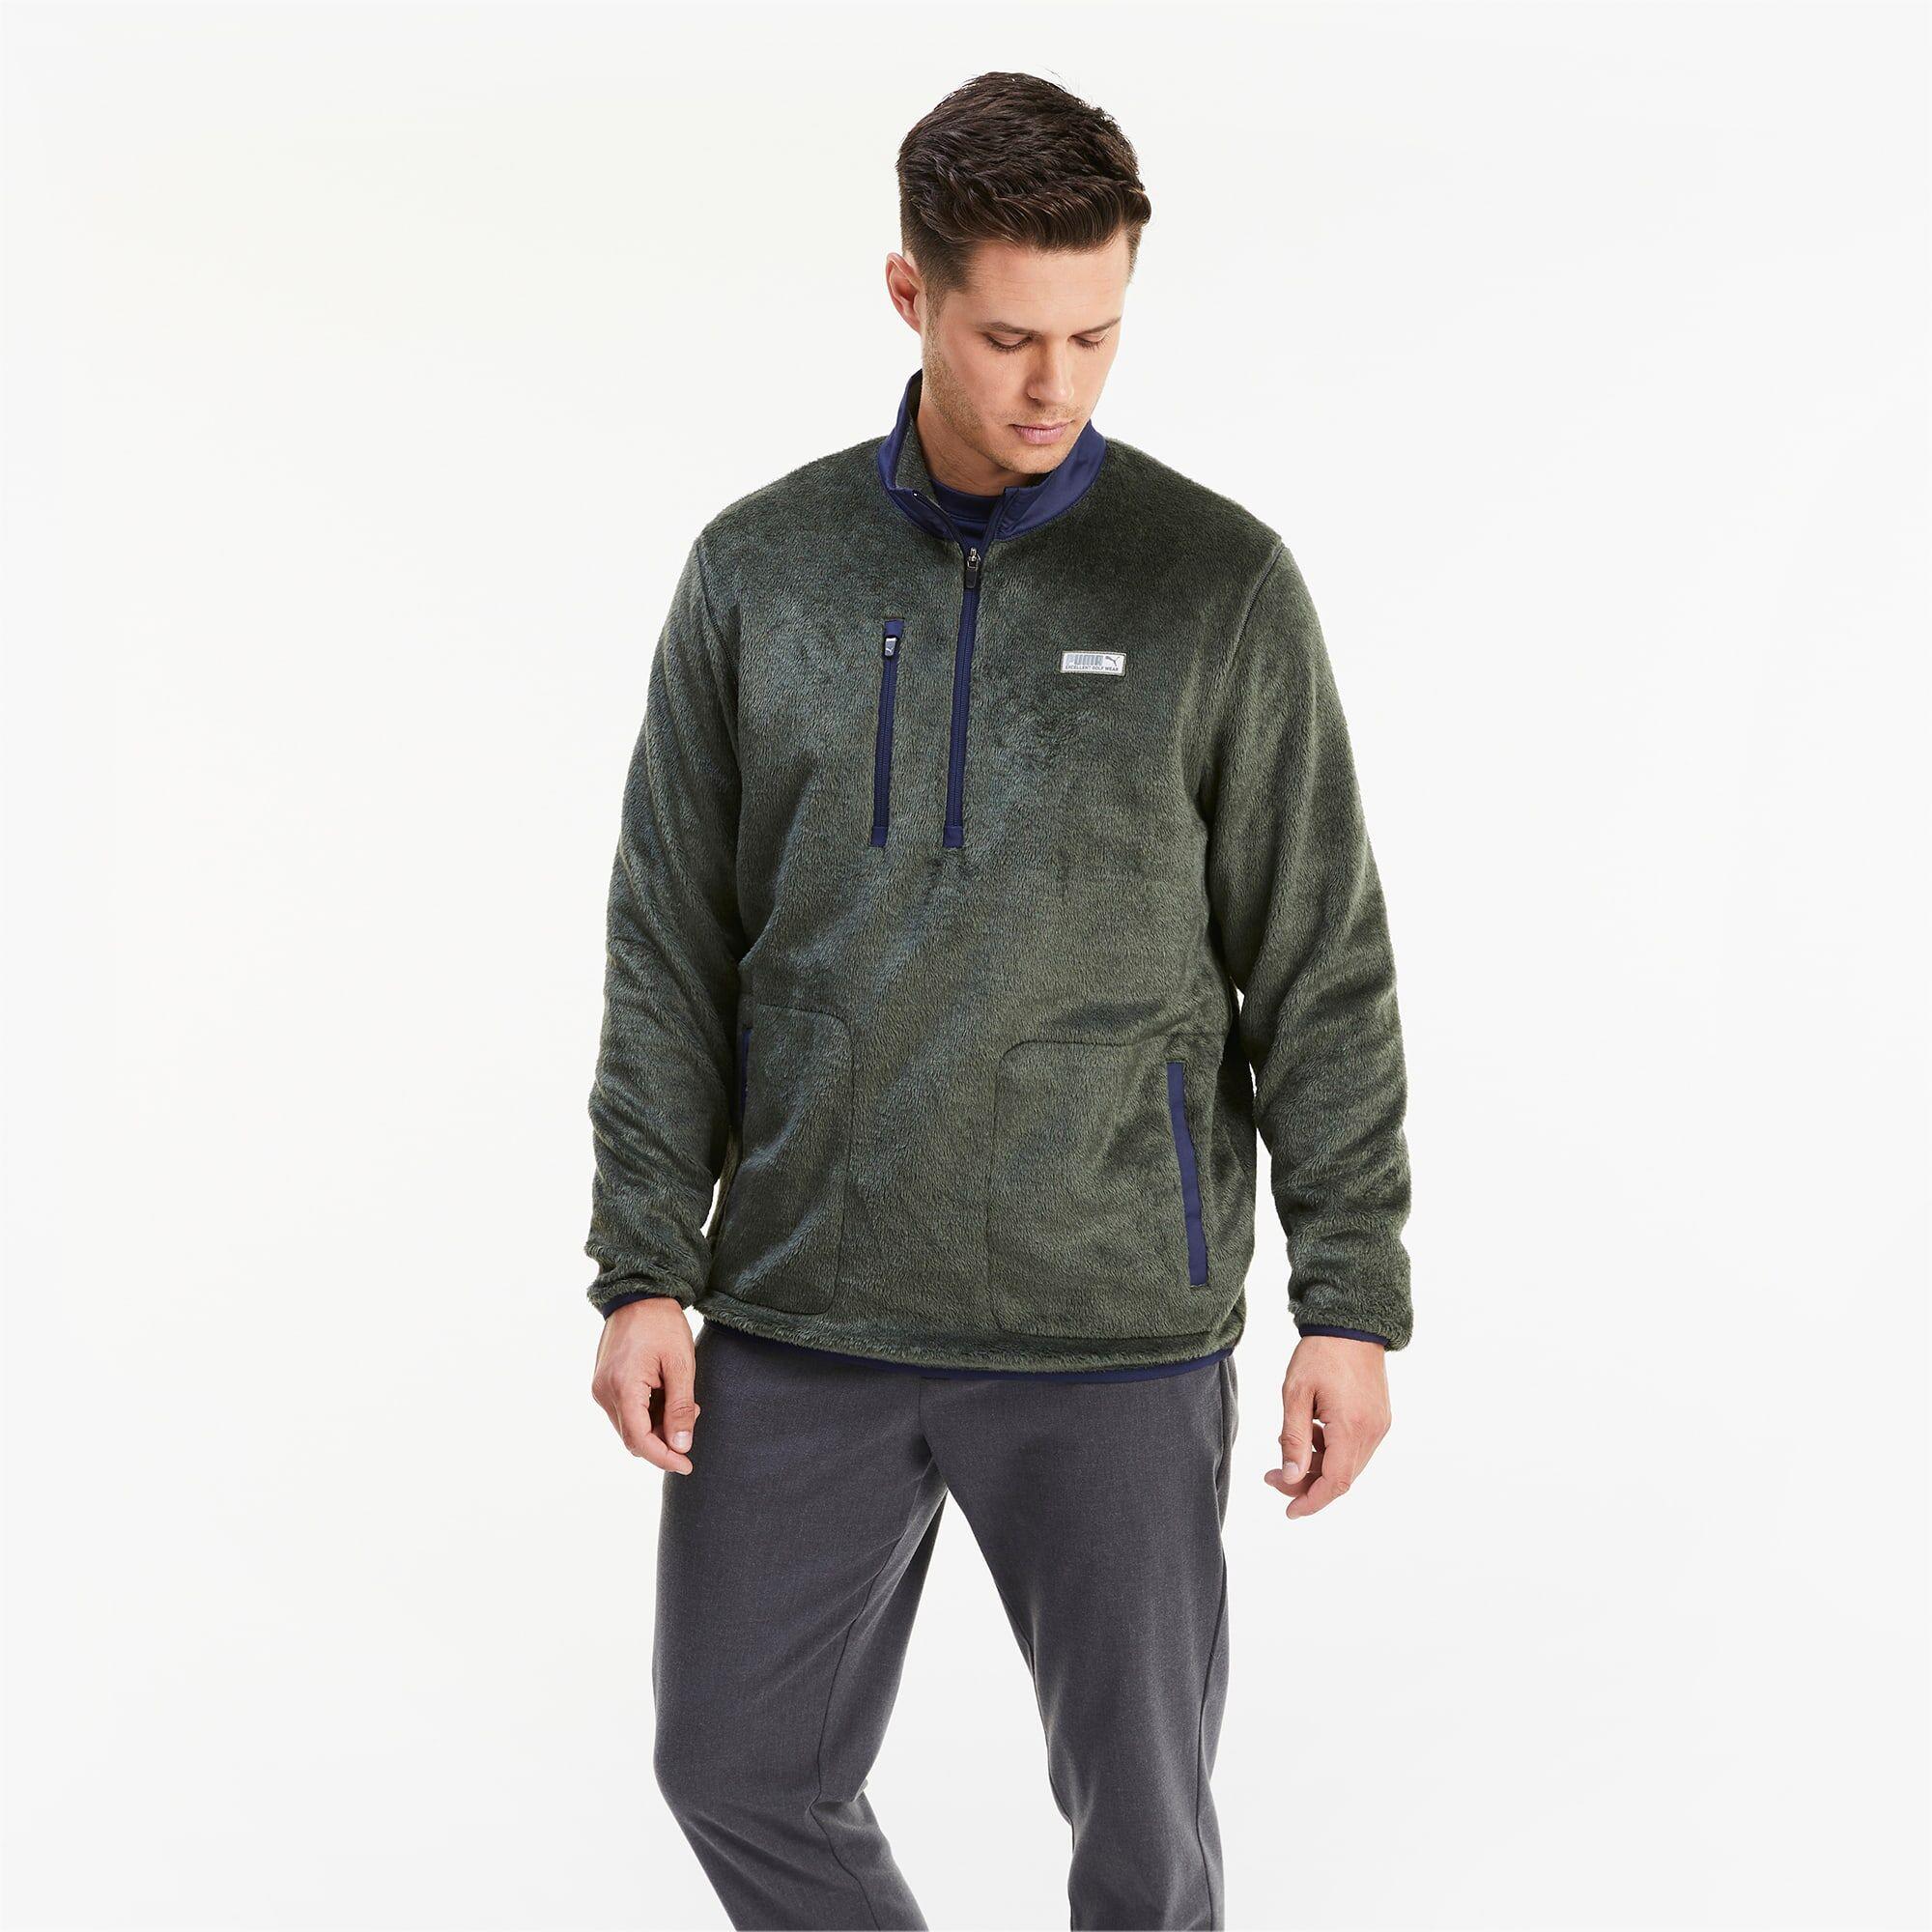 PUMA Blouson en polaire Sherpa 1/4 Zip pour Homme, Vert, Taille 3XL, Vêtements